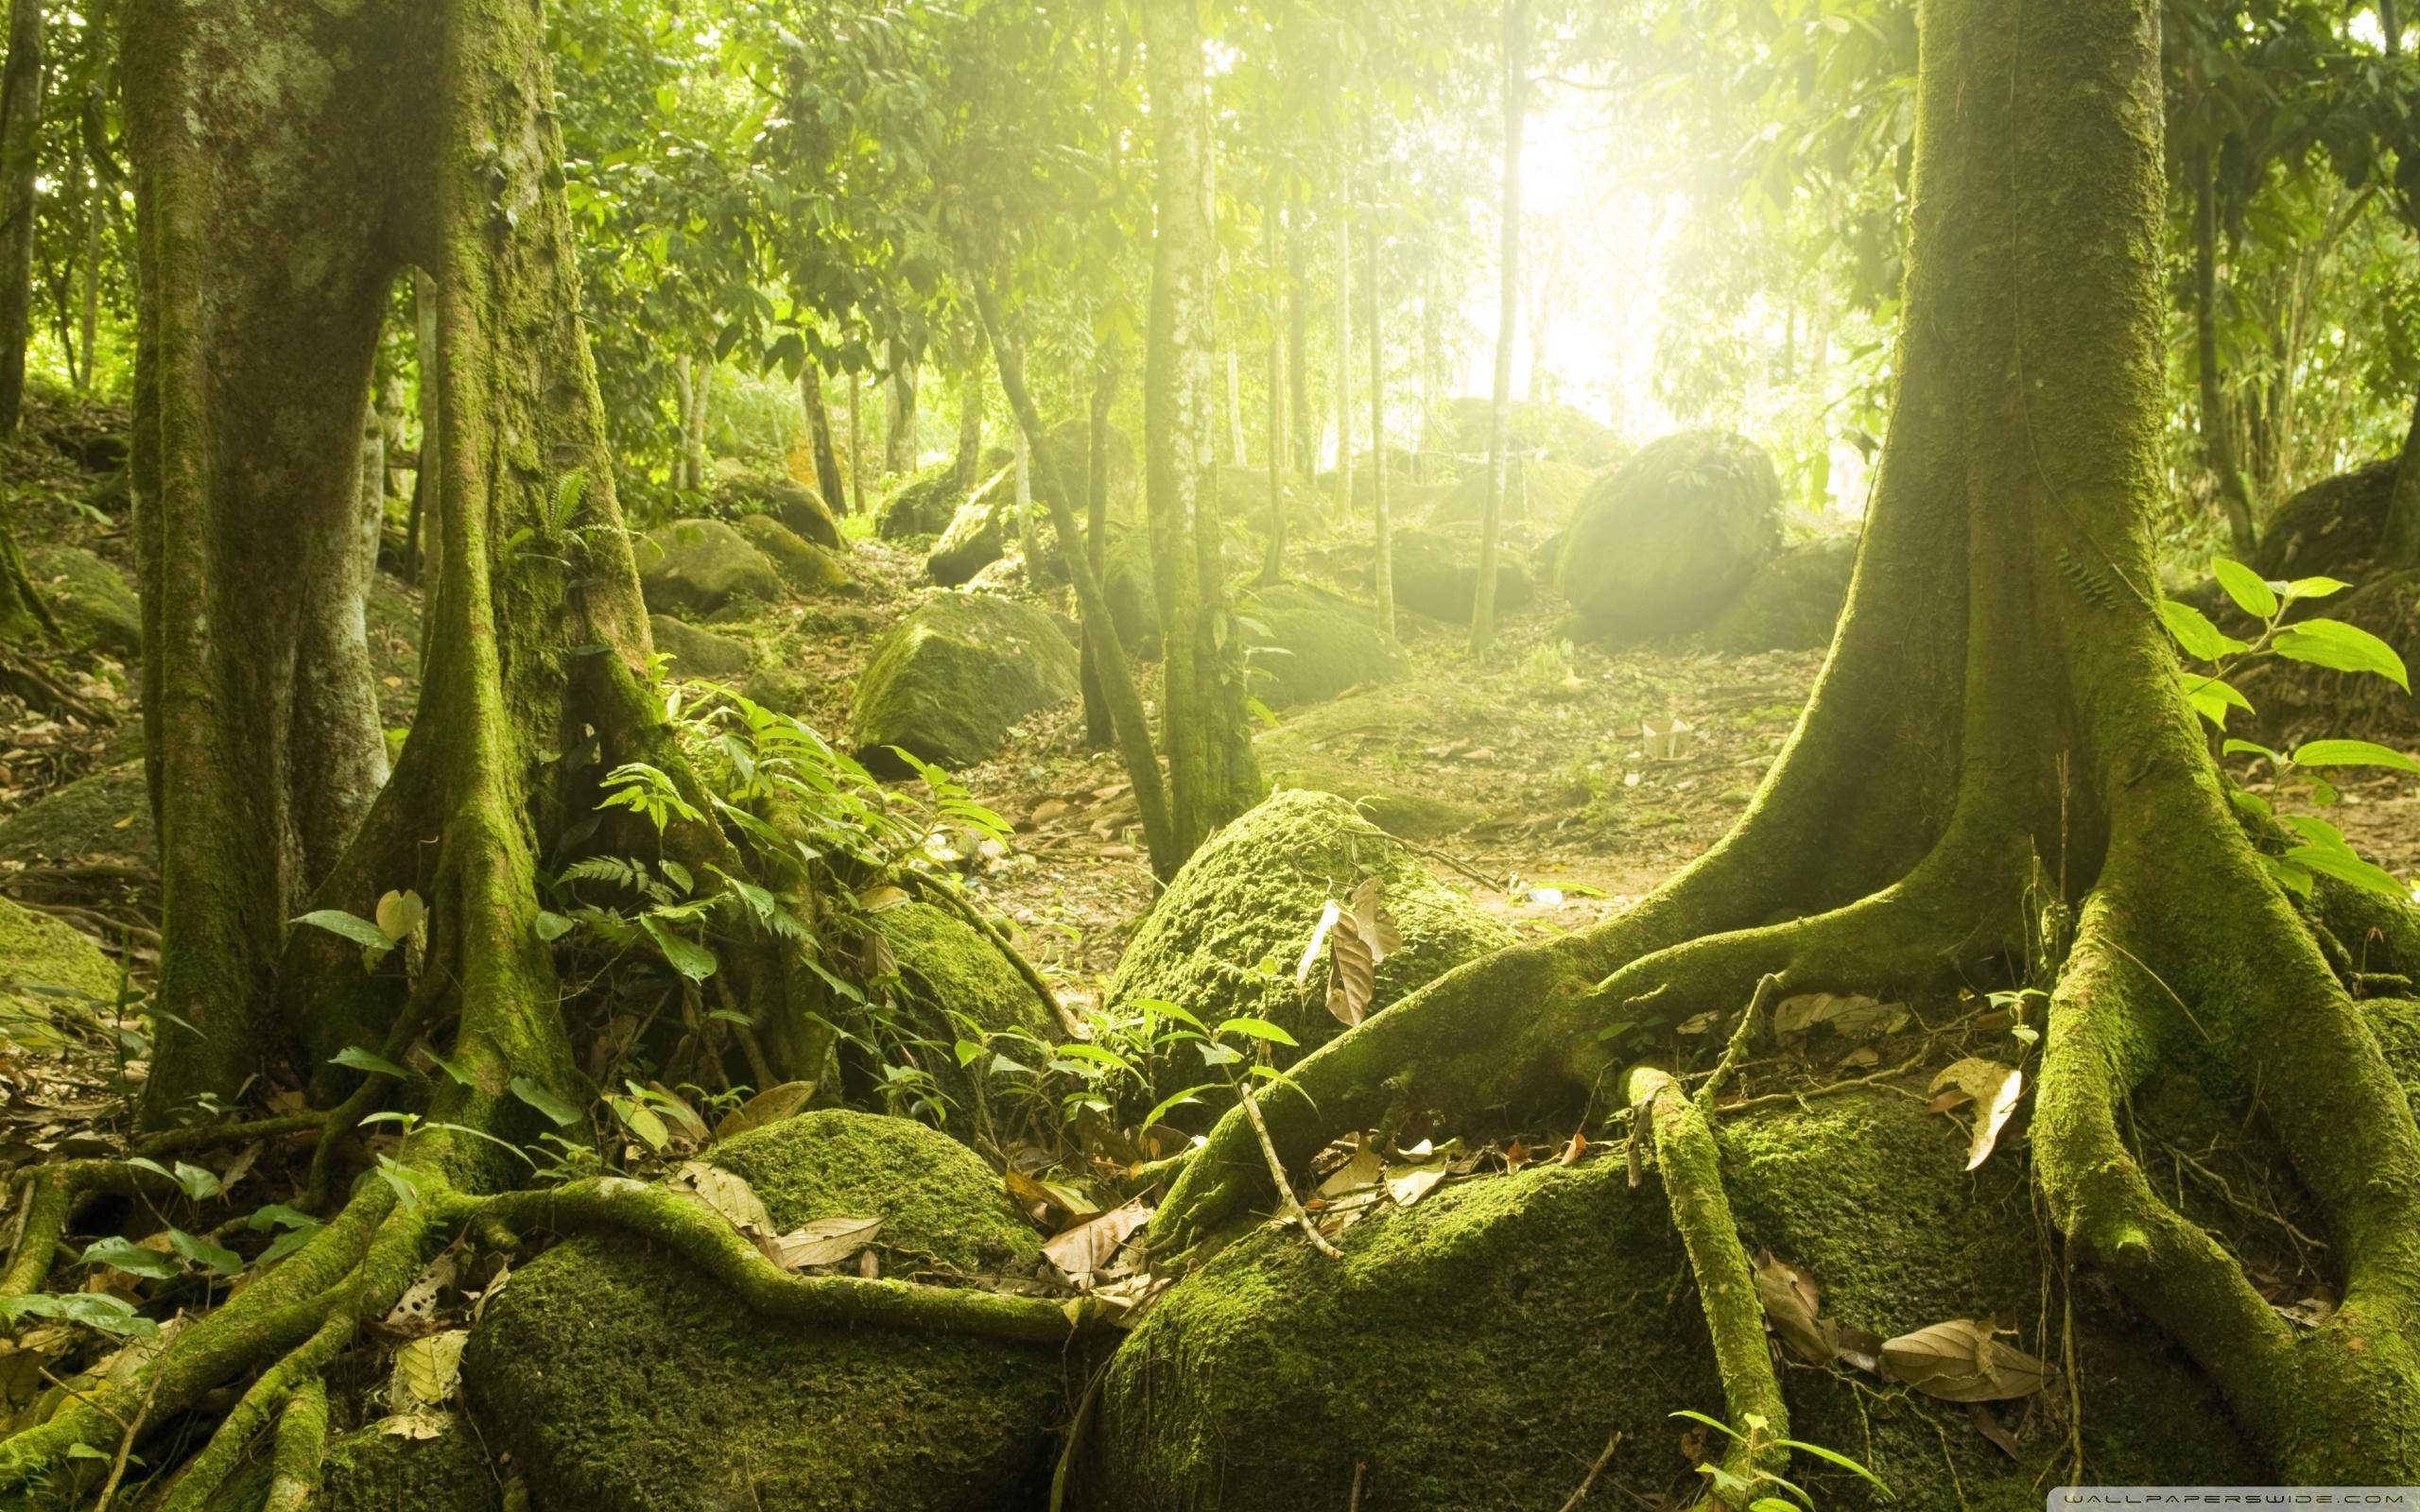 壁纸 风景 森林 桌面 2560_1600